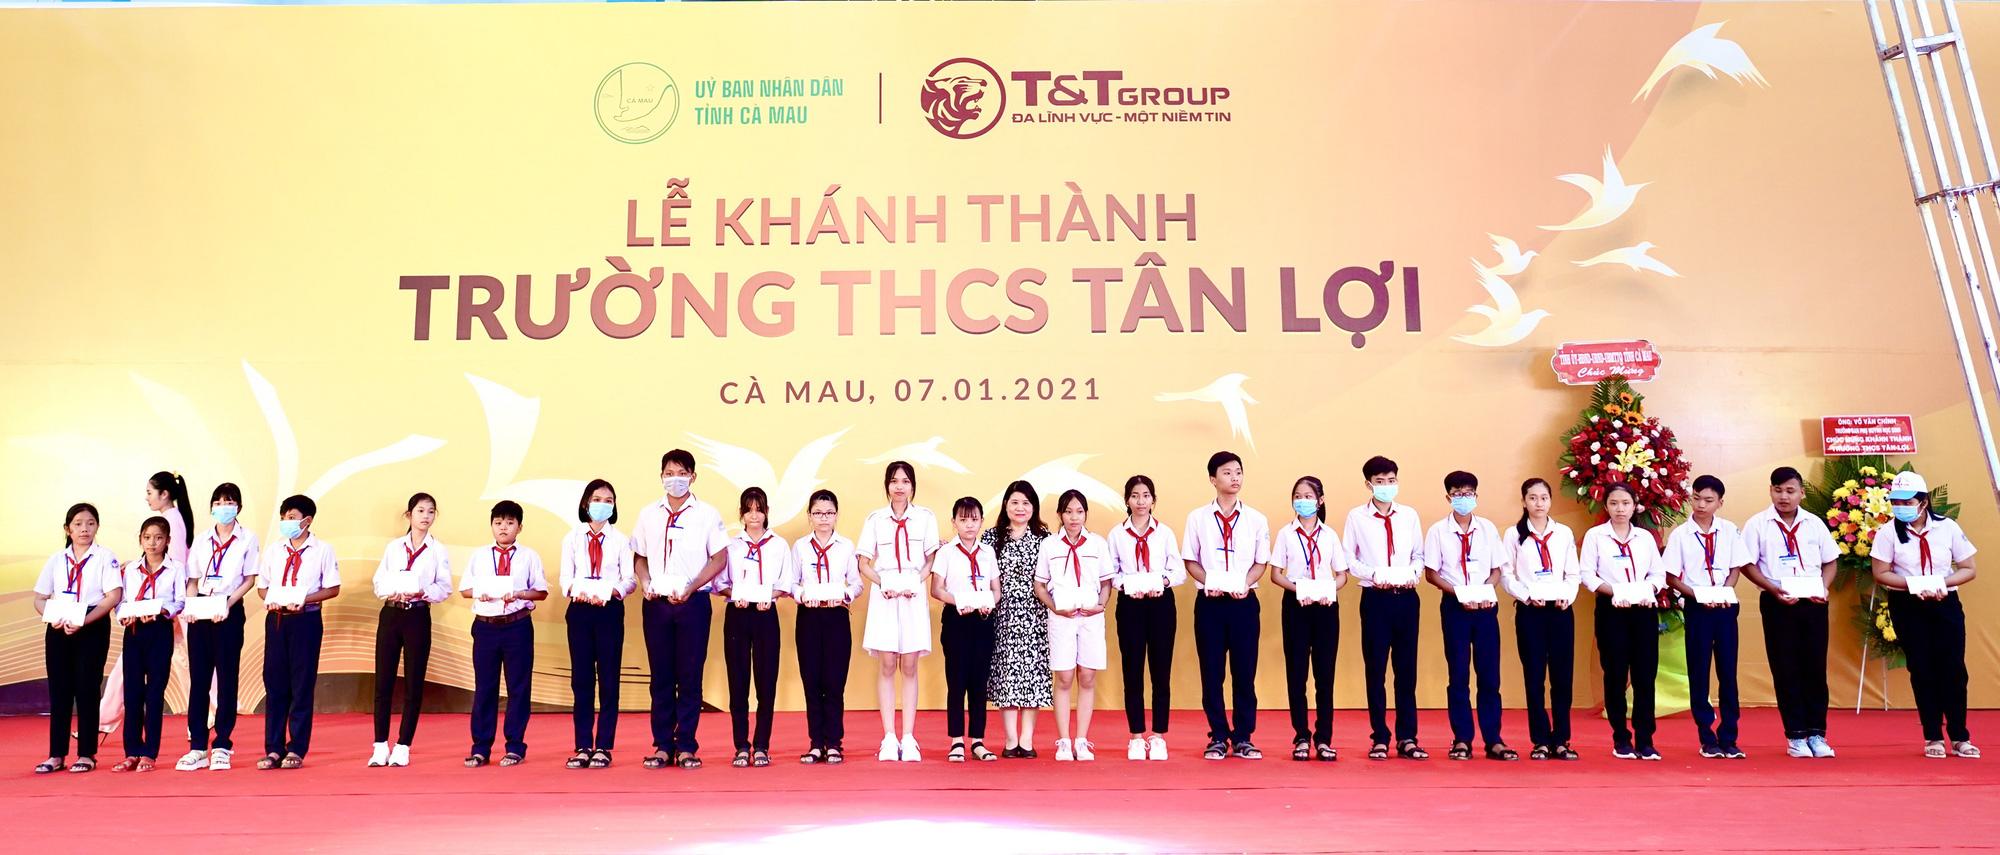 Tập đoàn T&T Group tài trợ xây dựng trường học tại tỉnh Cà Mau - Ảnh 3.